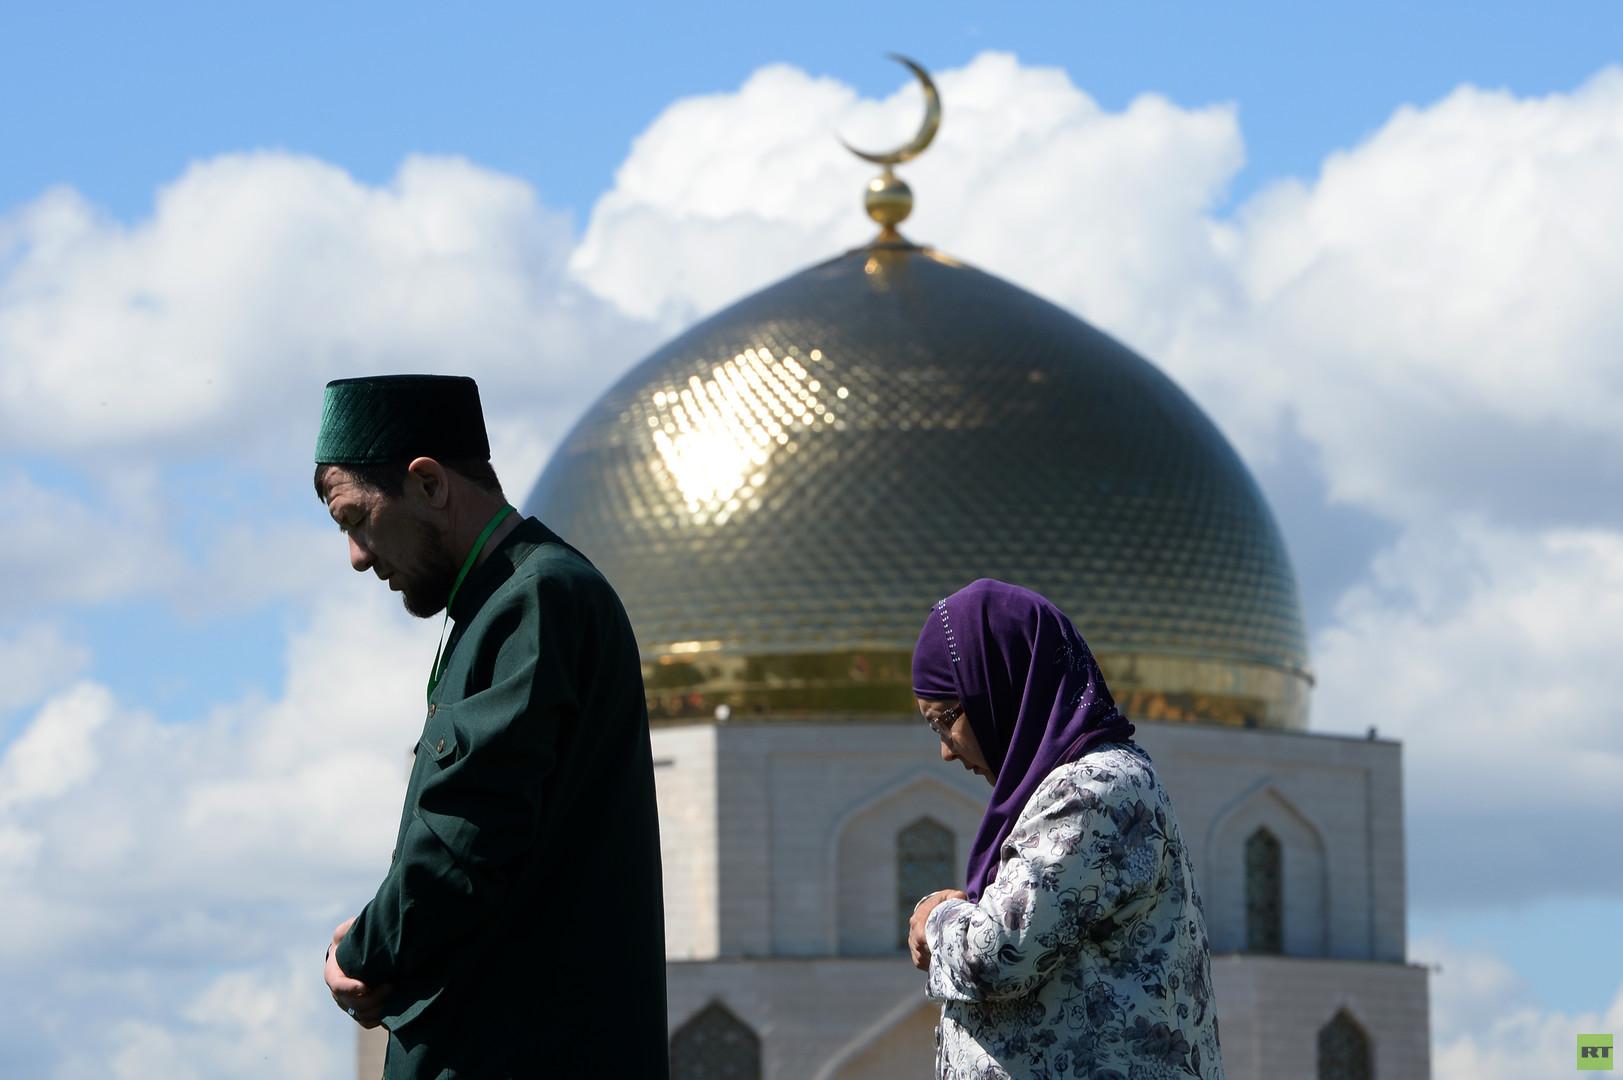 مدينة بولغار – موئل الإسلام في روسيا